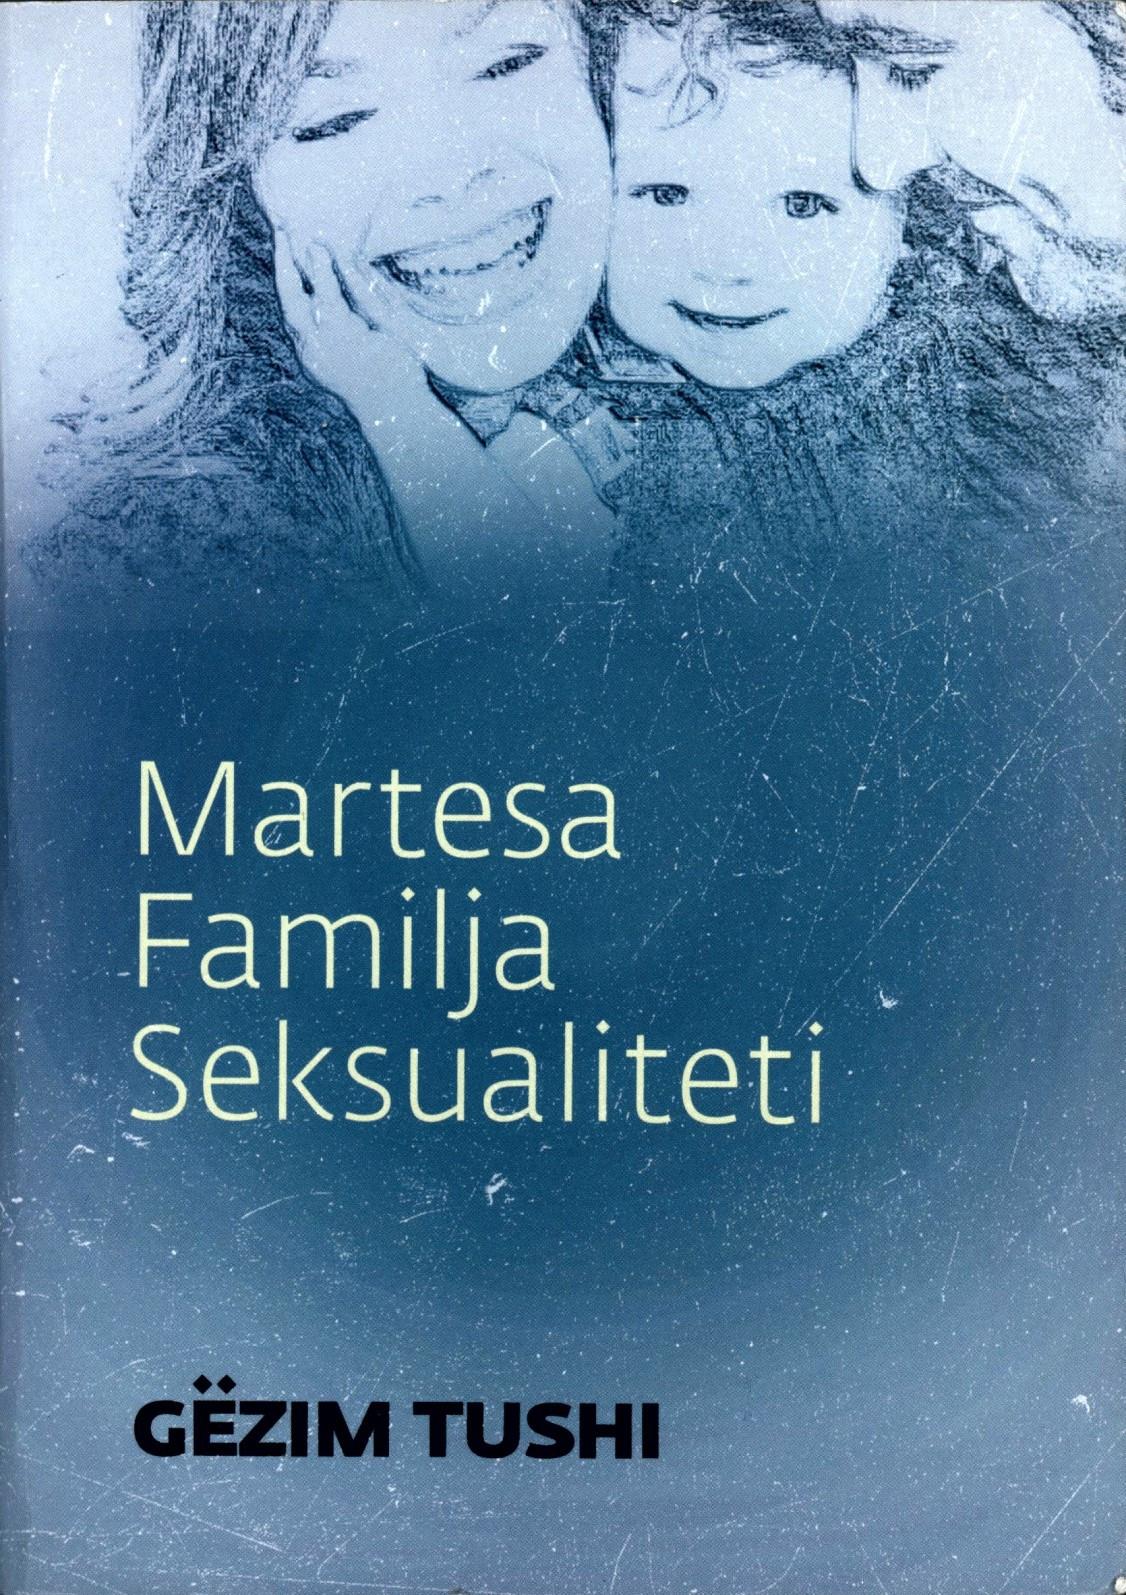 Martesa, Familja, Seksualiteti